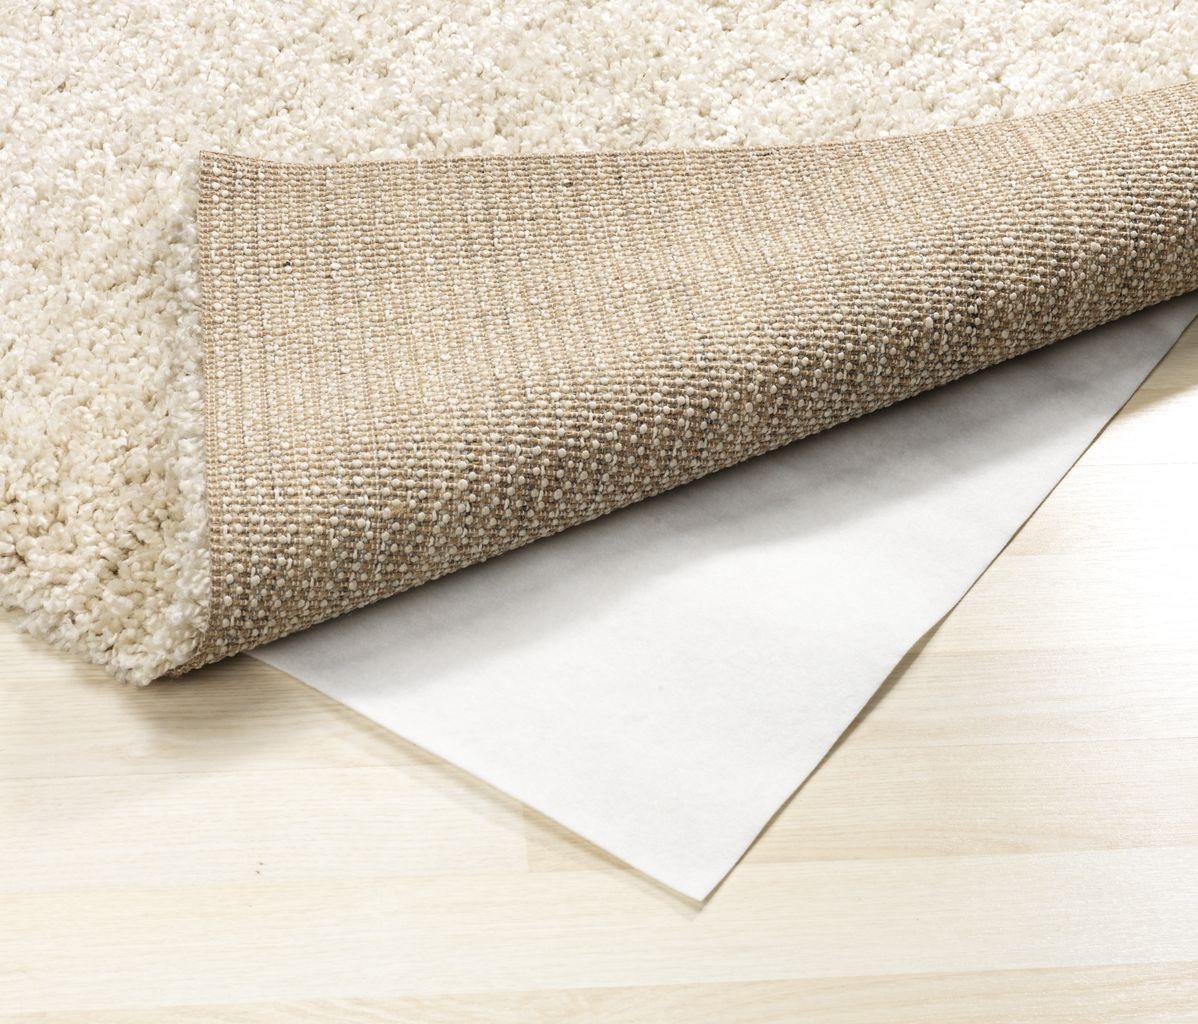 Nyt tæppe? se udvalget af løse tæpper hos jysk